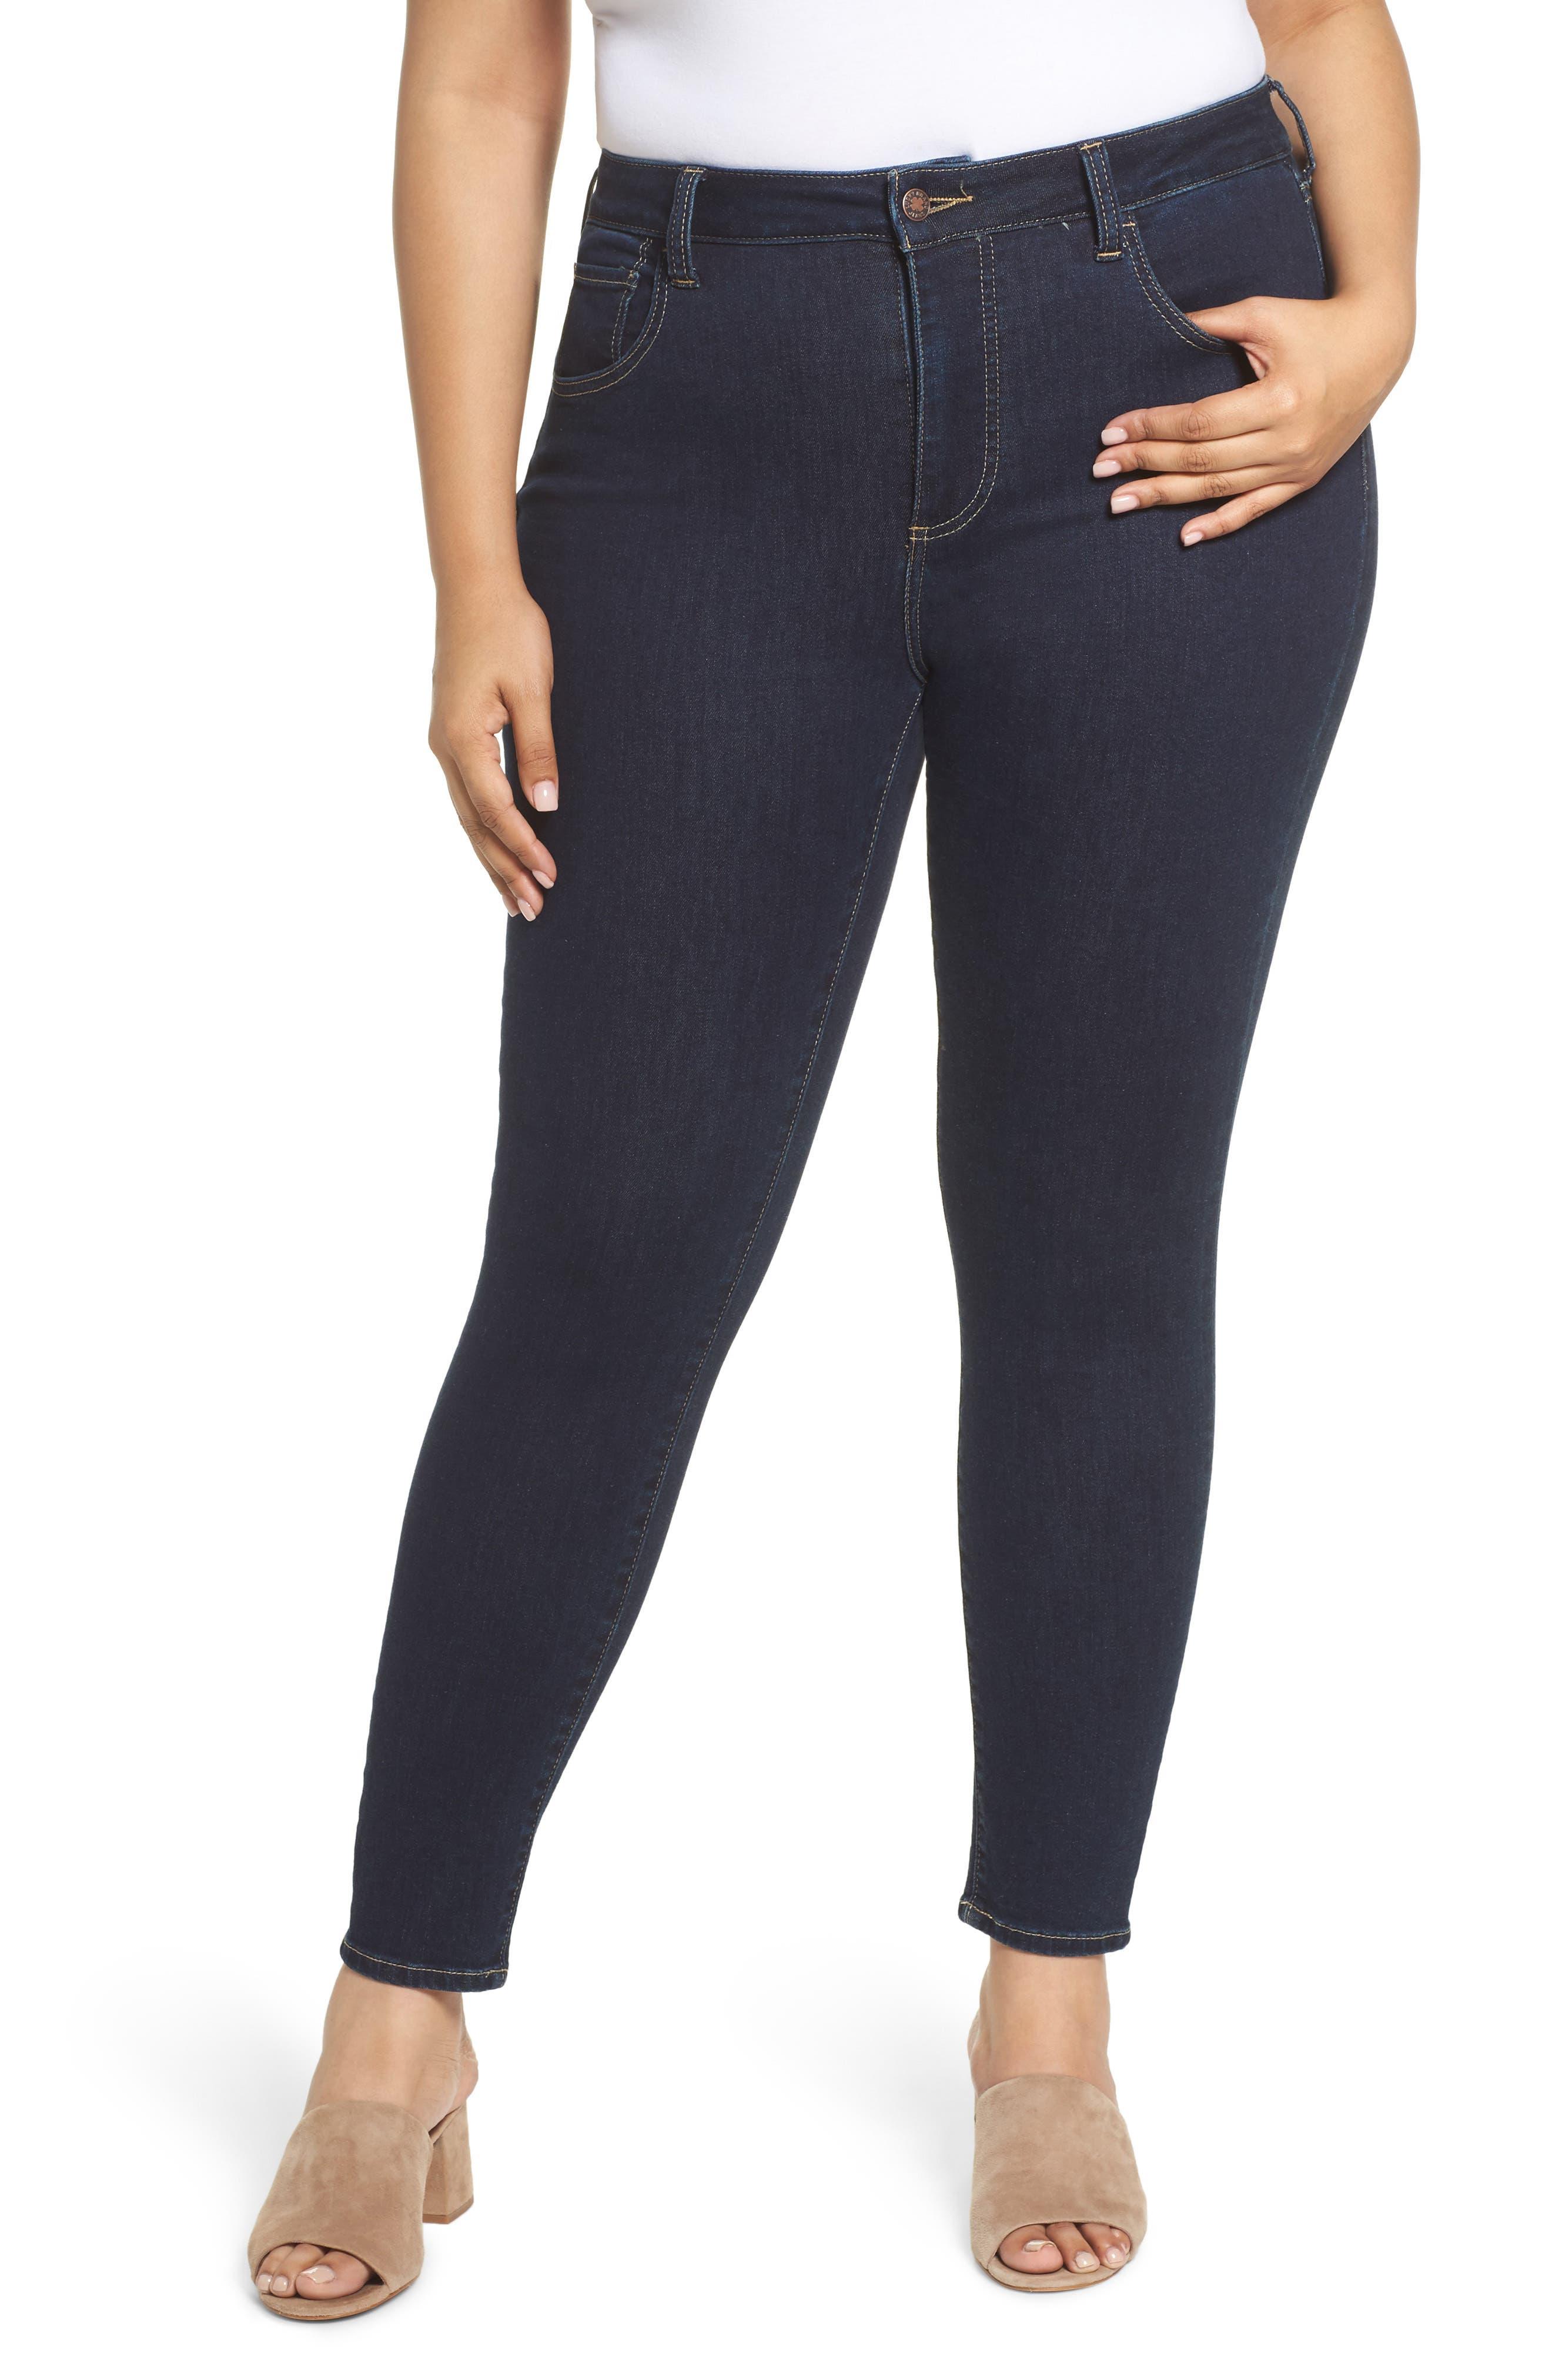 LUCKY BRAND, Emma High Rise Legging Jeans, Main thumbnail 1, color, BREAKER